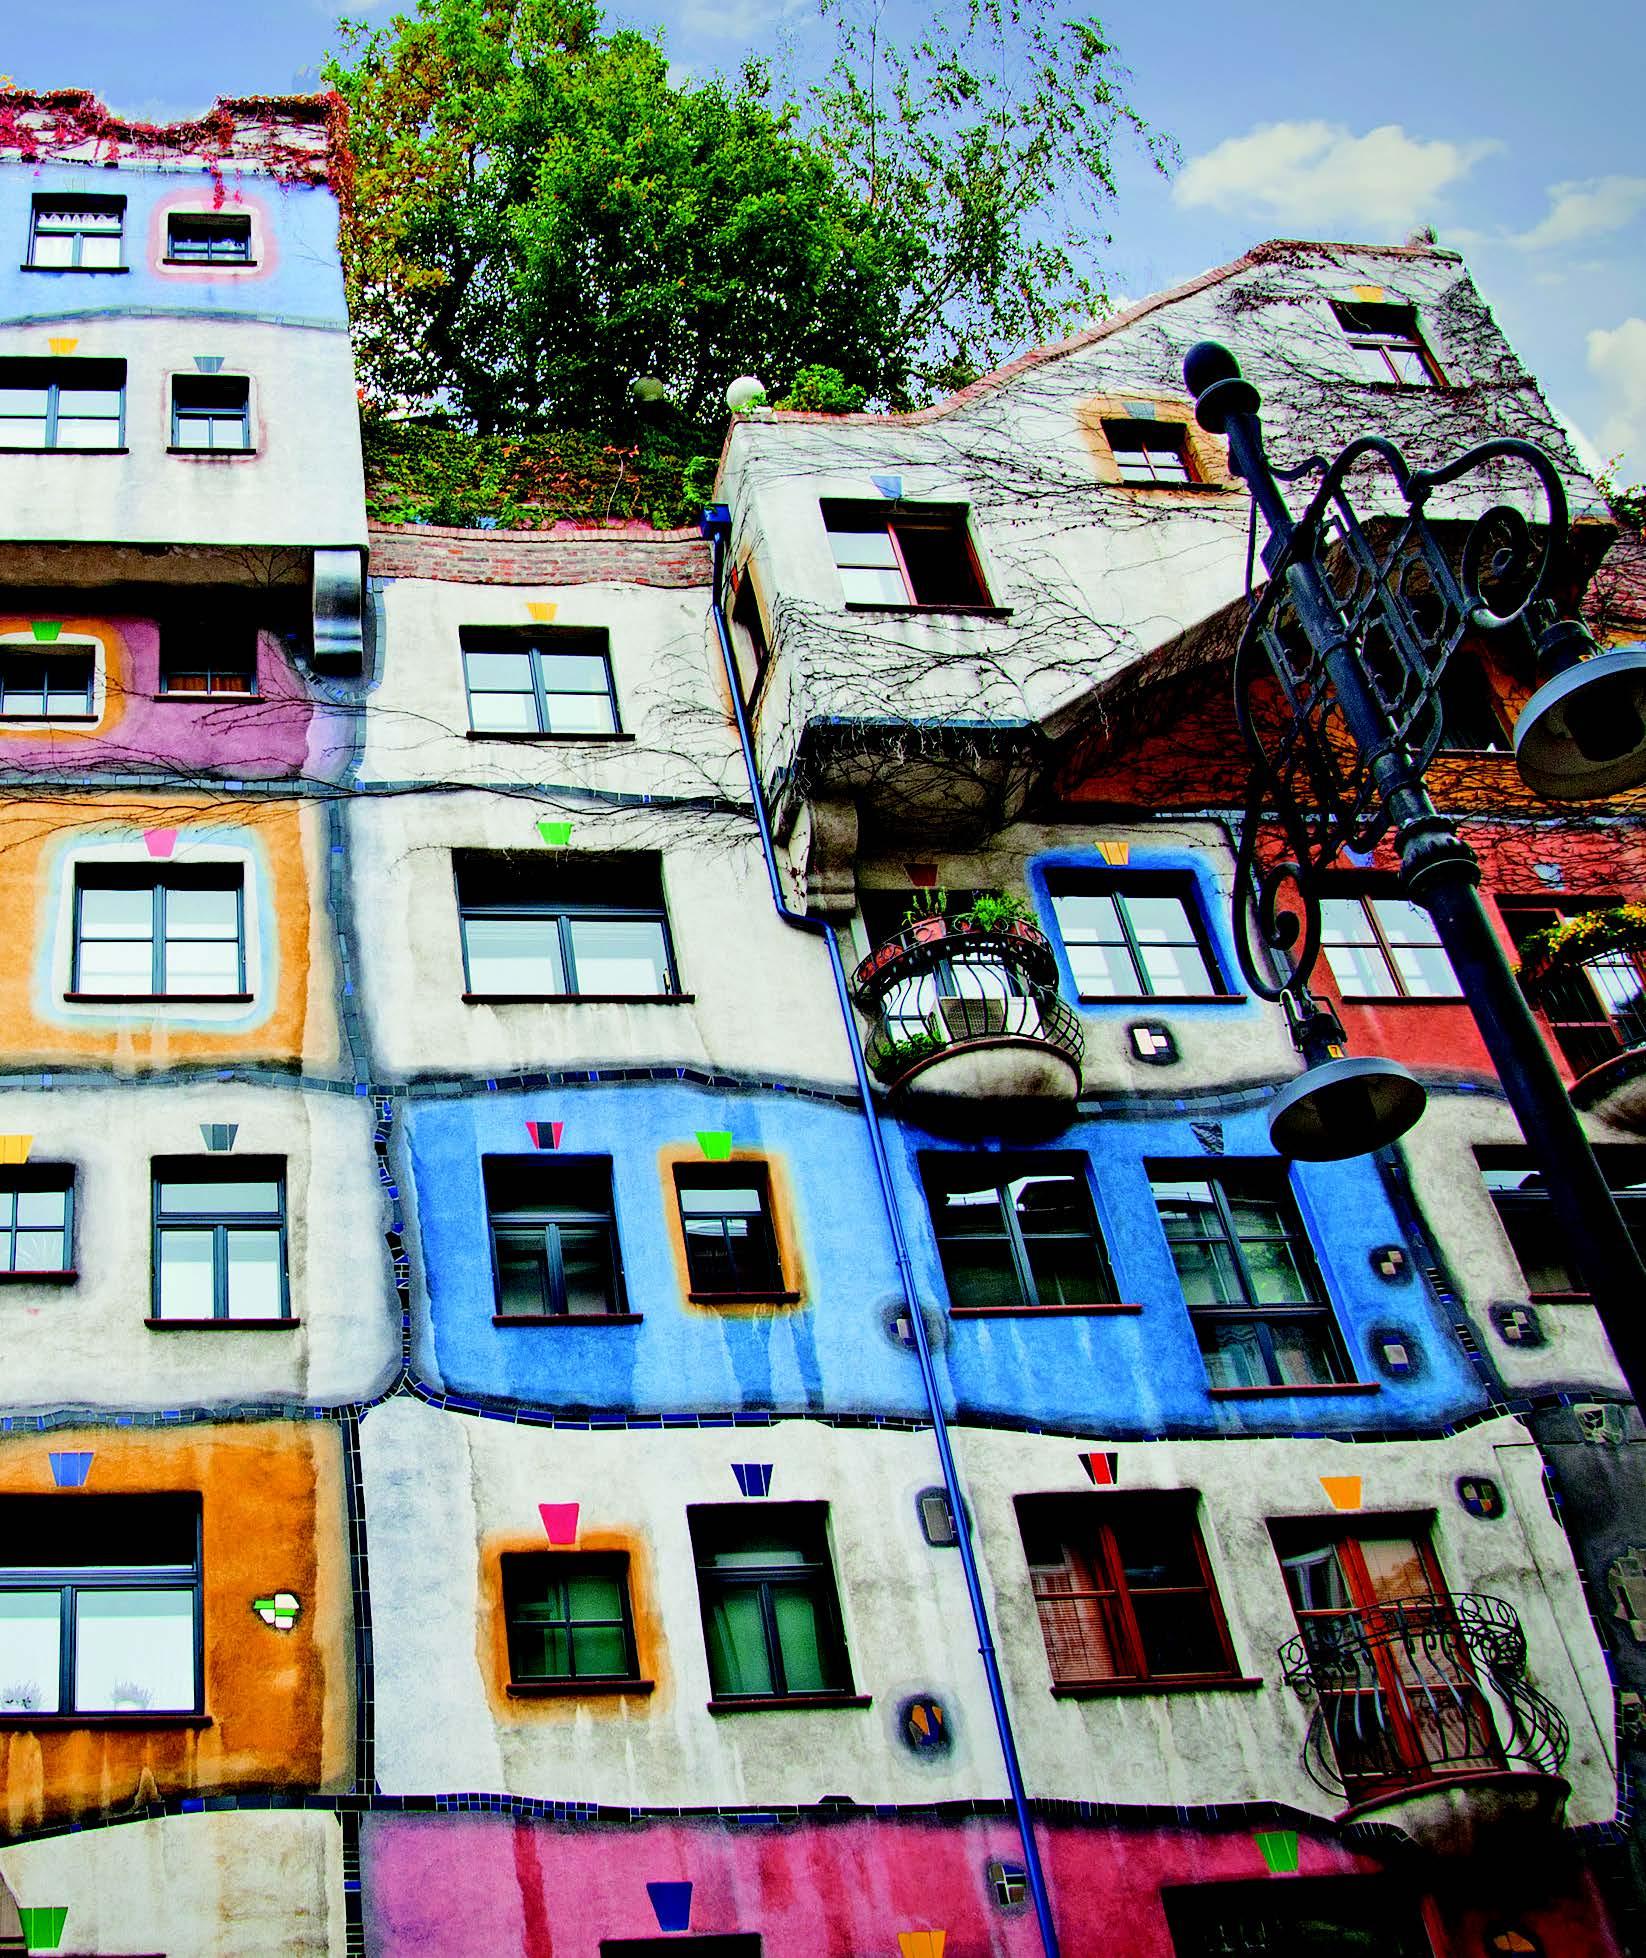 [Image: Hundertwasser House]